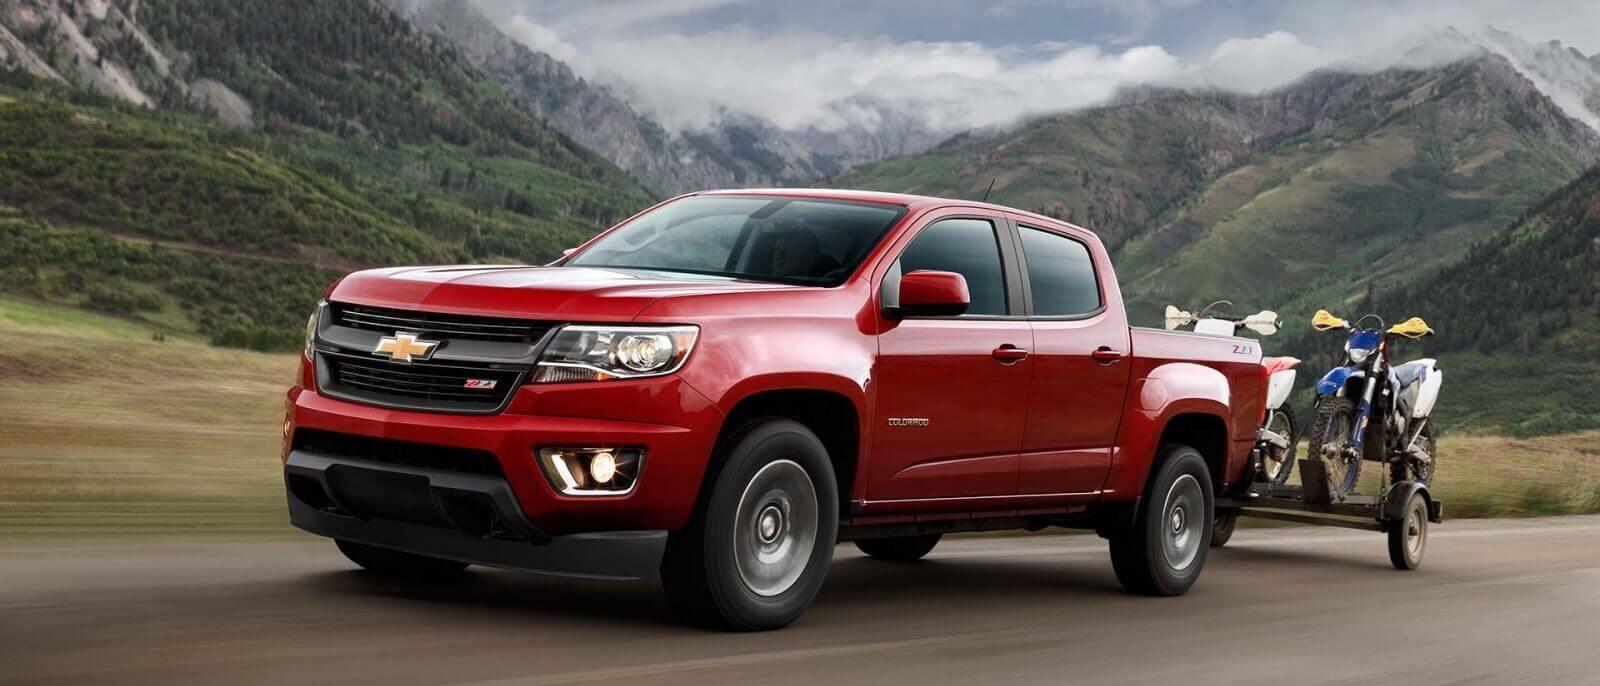 2017 Chevrolet Colorado red exterior